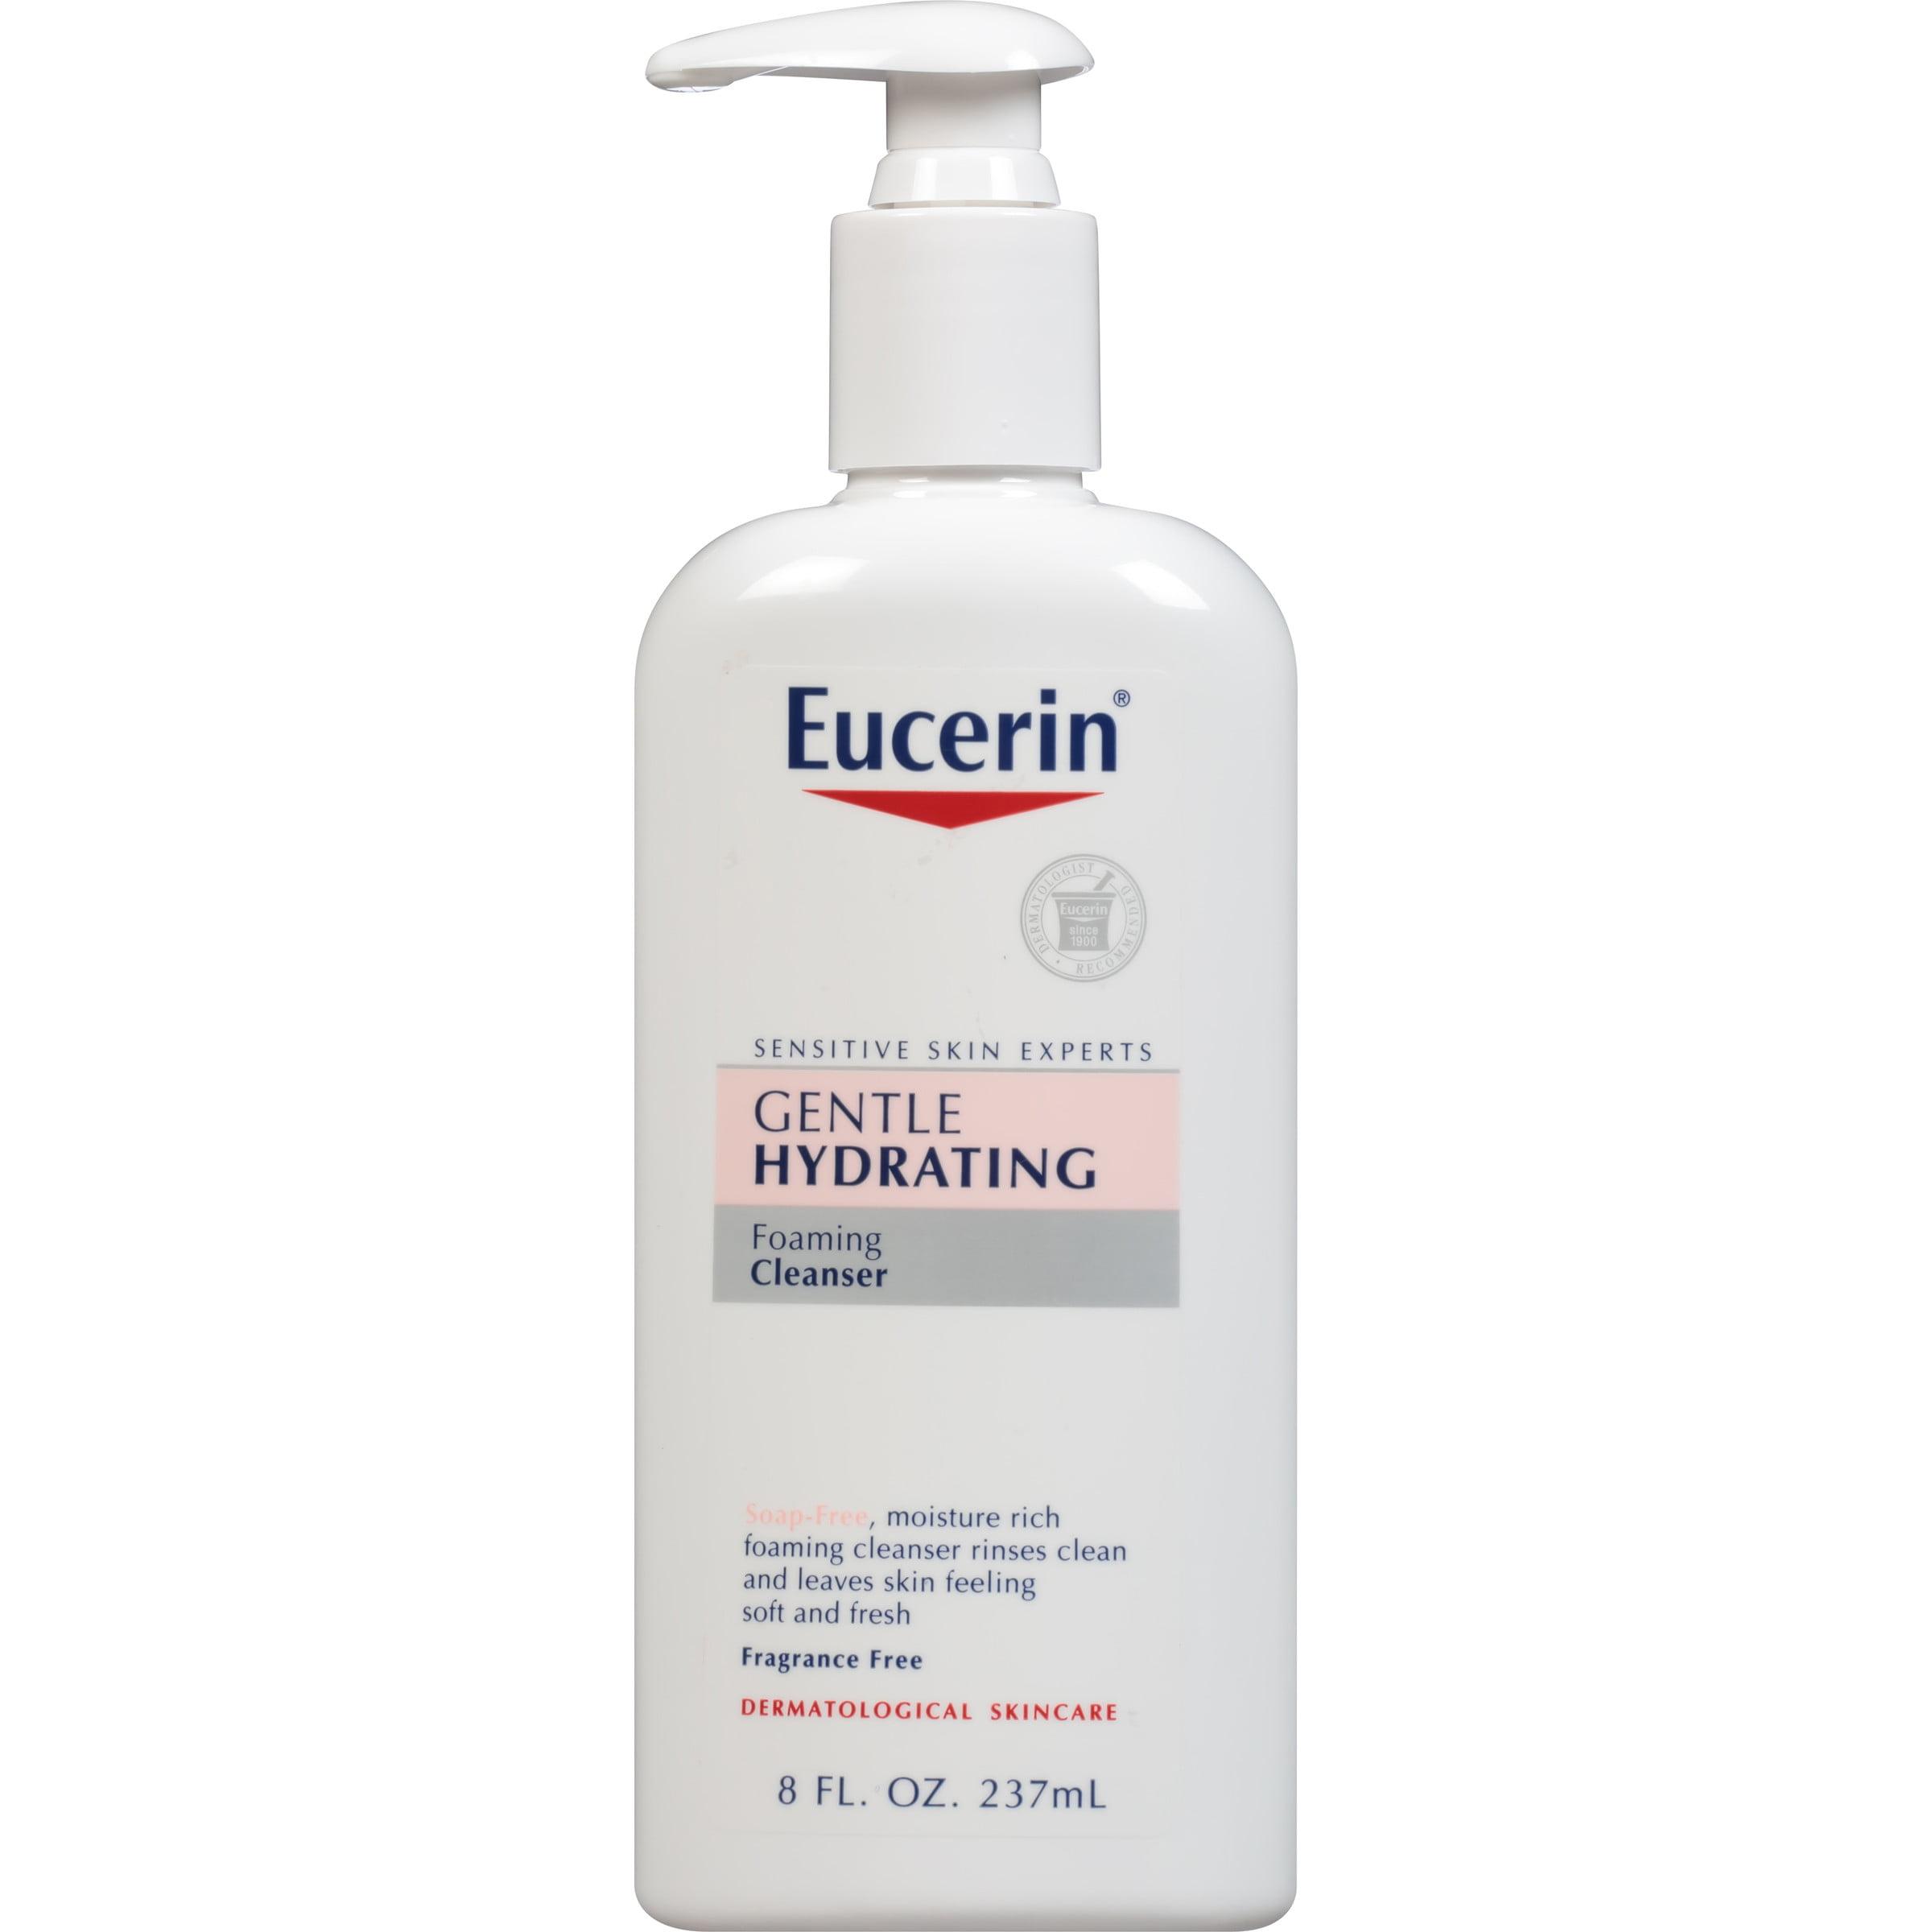 Eucerin sensitive facial skin